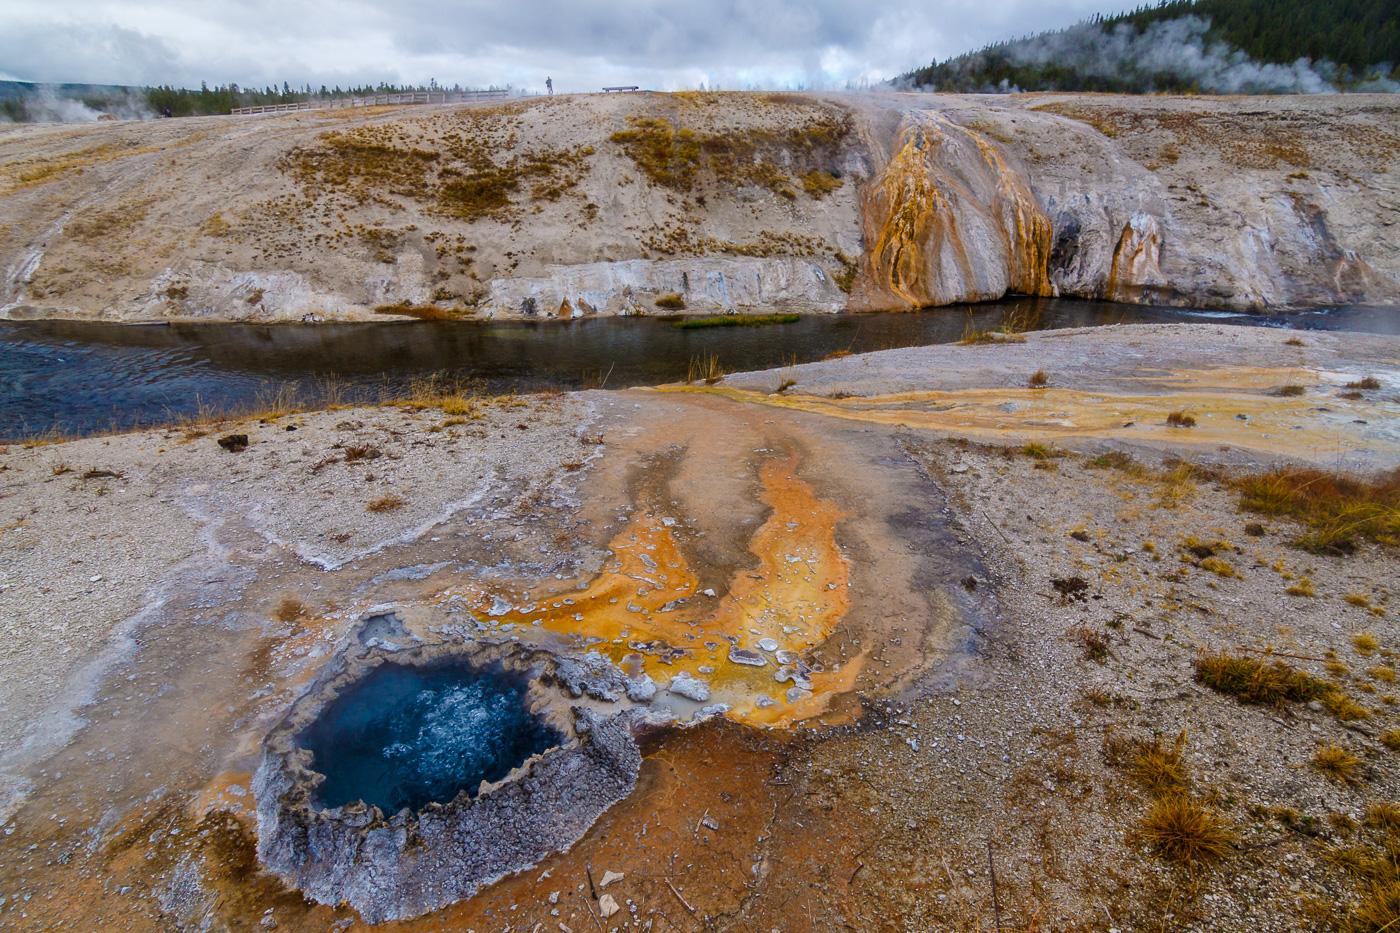 I put an eye on you - Paisatges de Nord-Amèrica - Raül Carmona - Fotografia, Fotografia d'estudi, esdeveniments i Natura